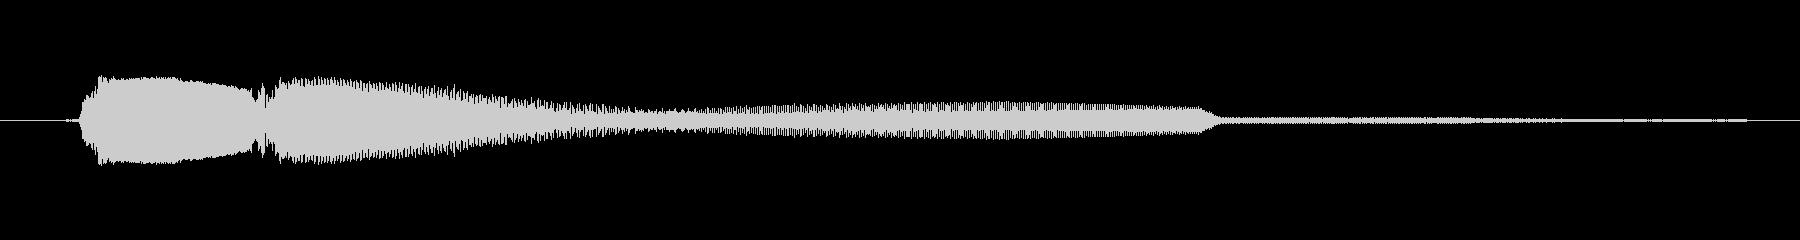 ゲーム、クイズ(ピンポン音)_003の未再生の波形